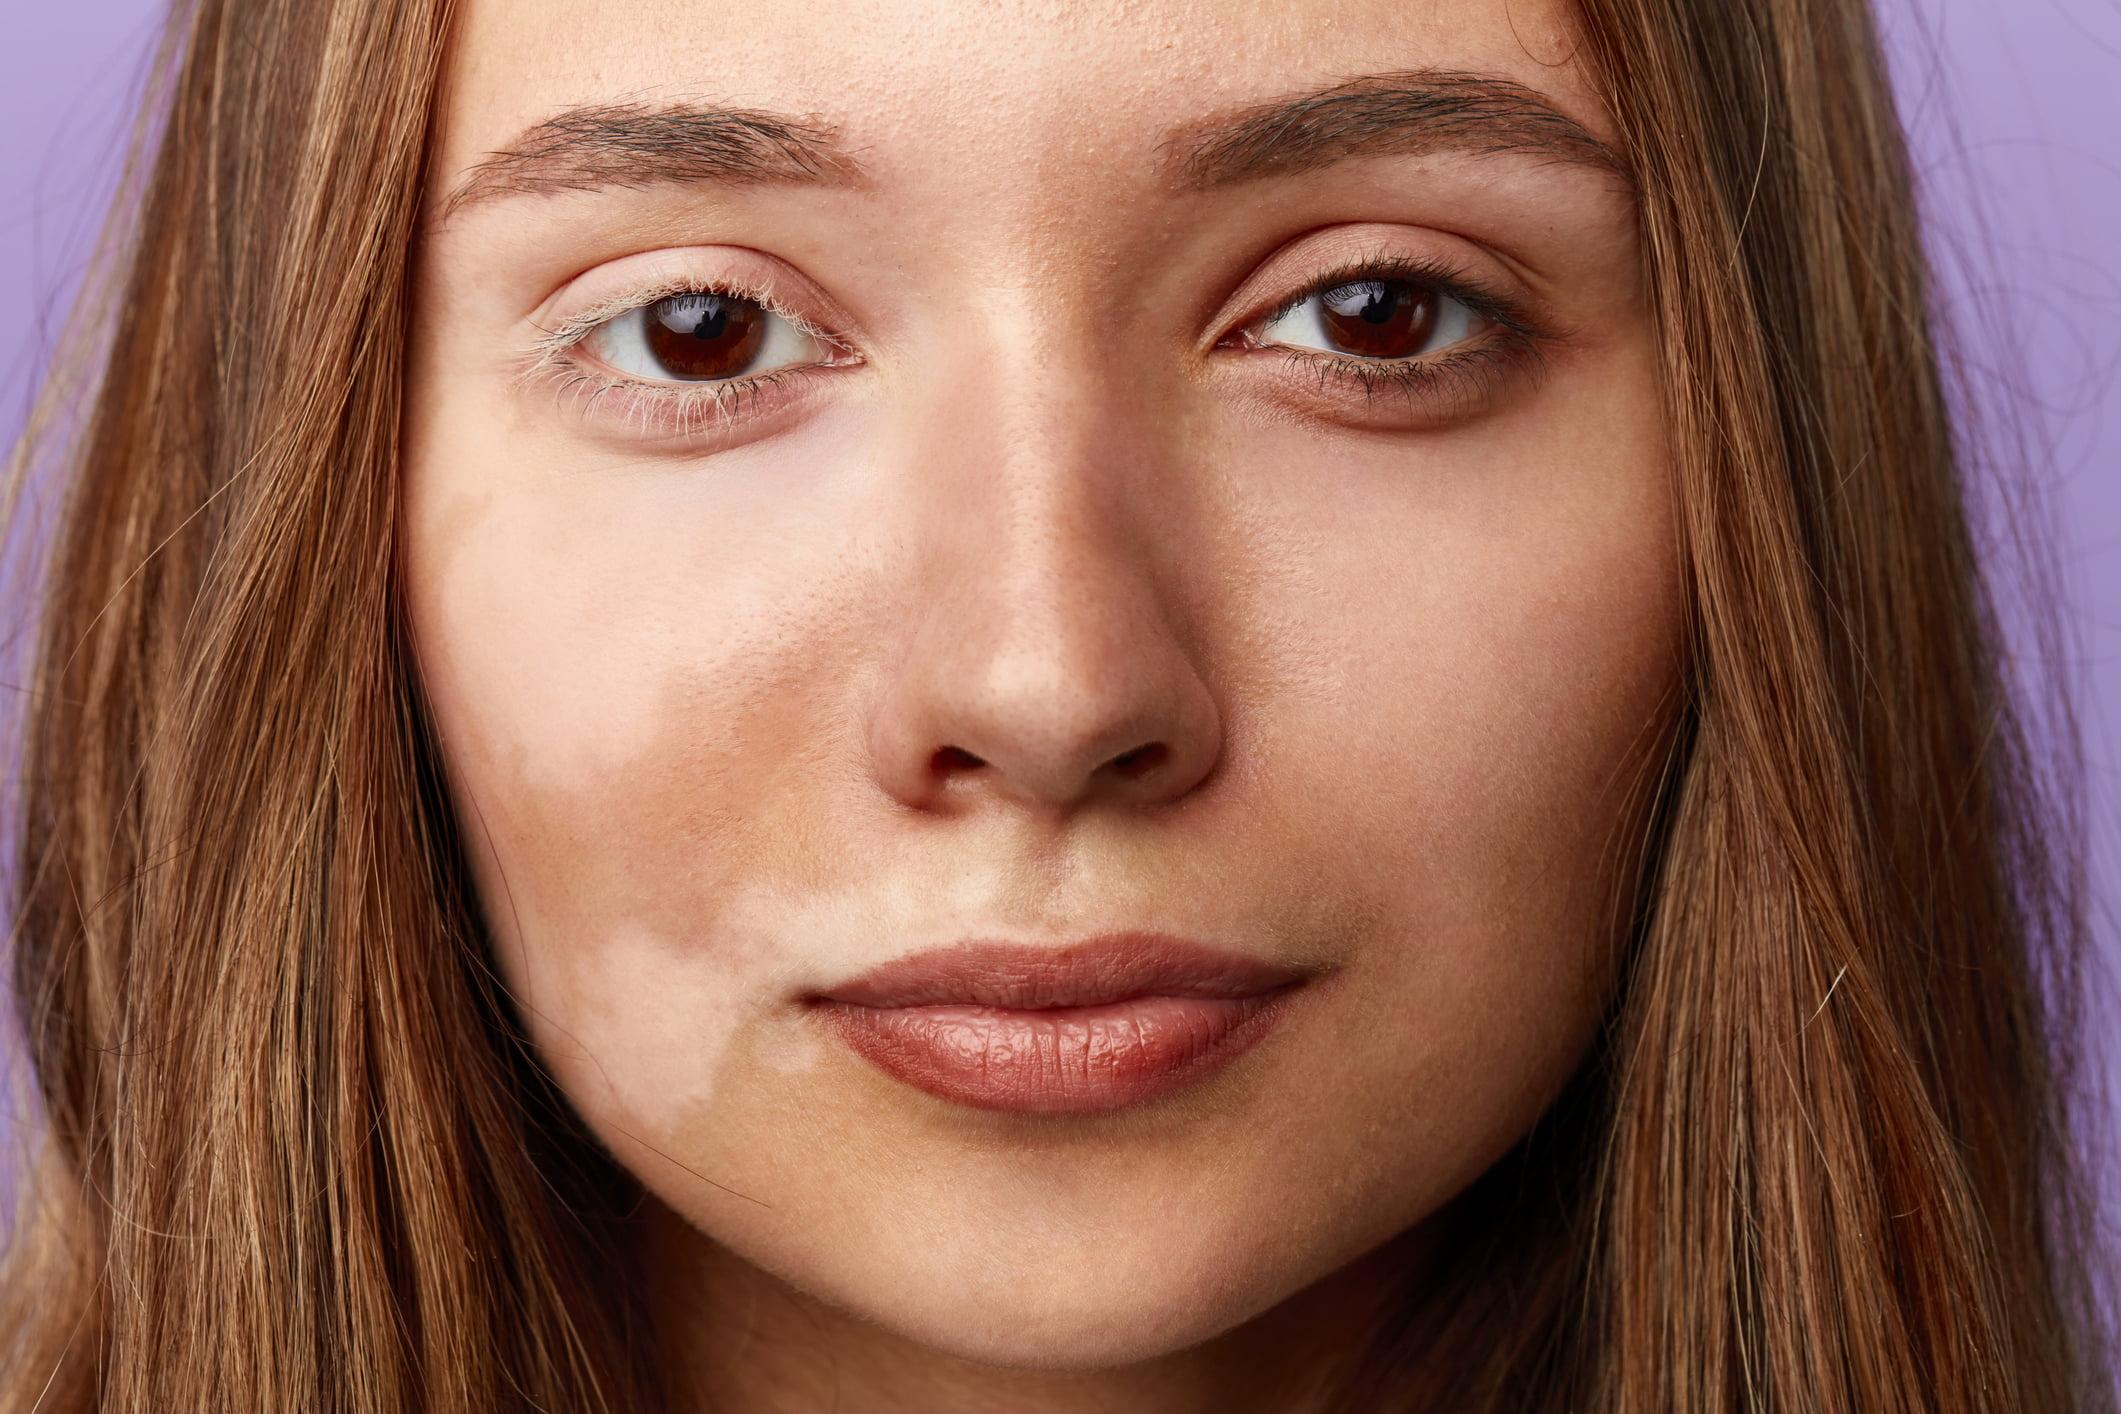 A lady's face